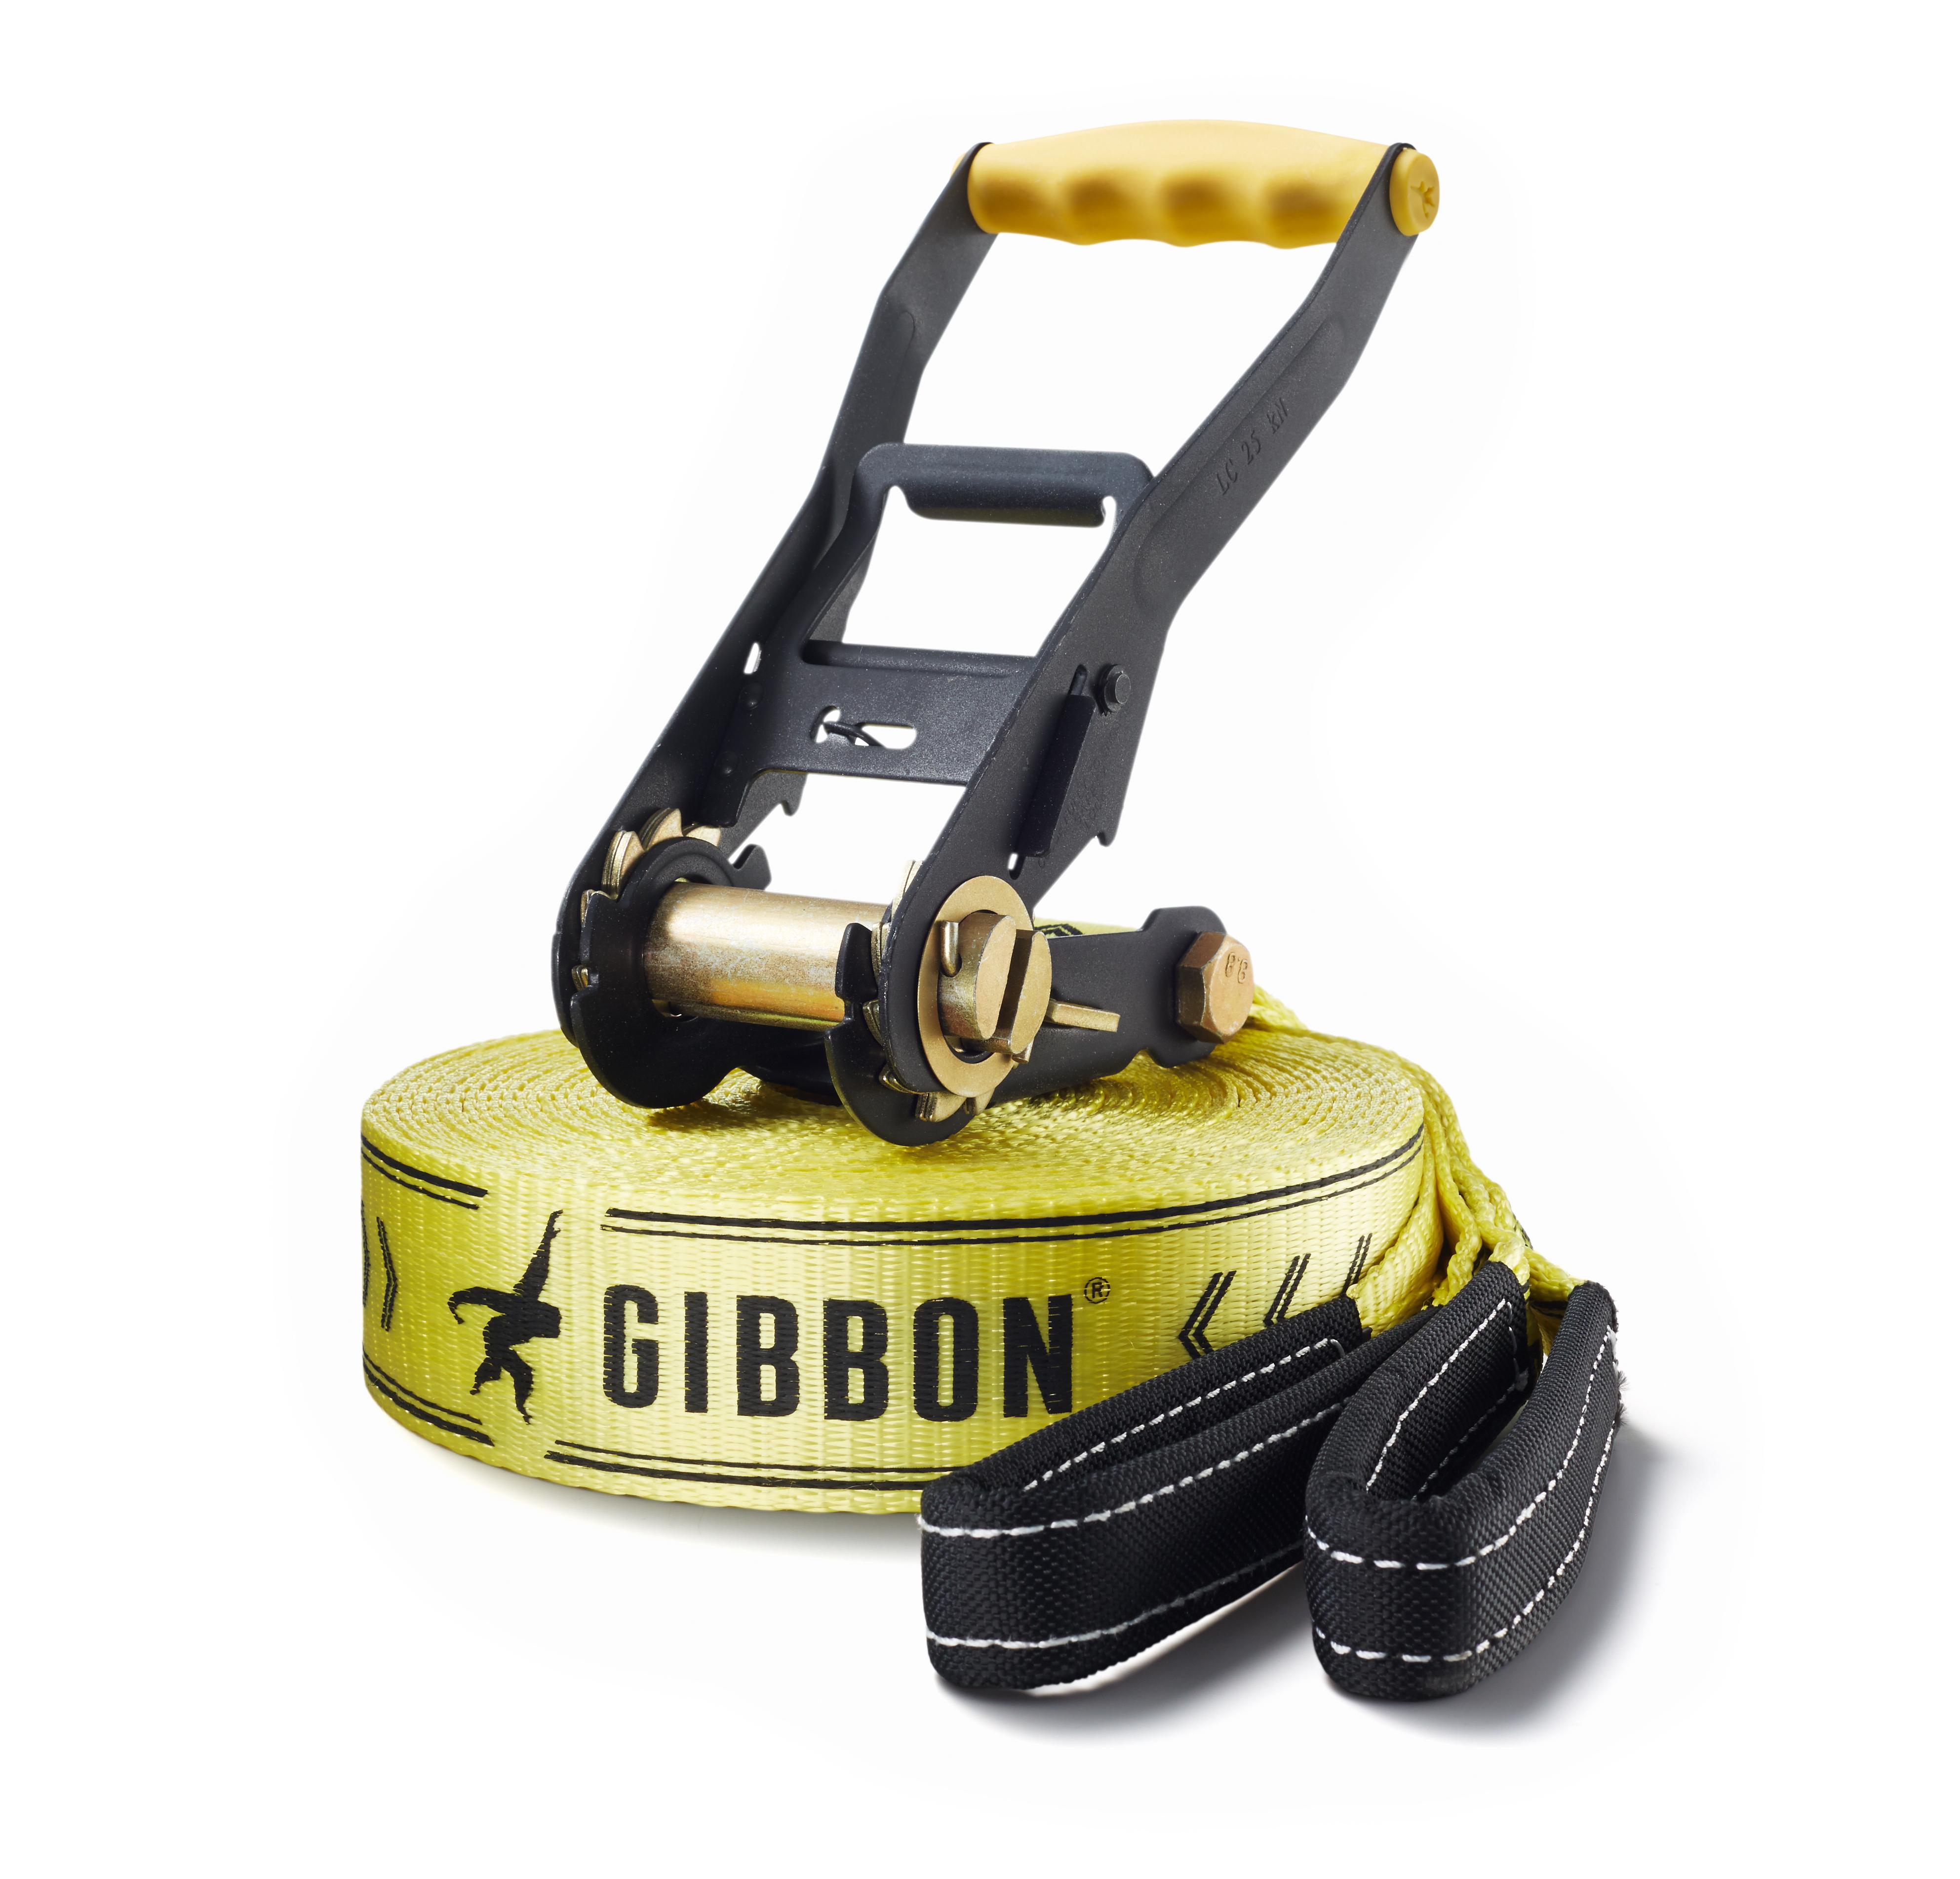 Gibbon Classic Slackline Angebot Einführung Slacklinen